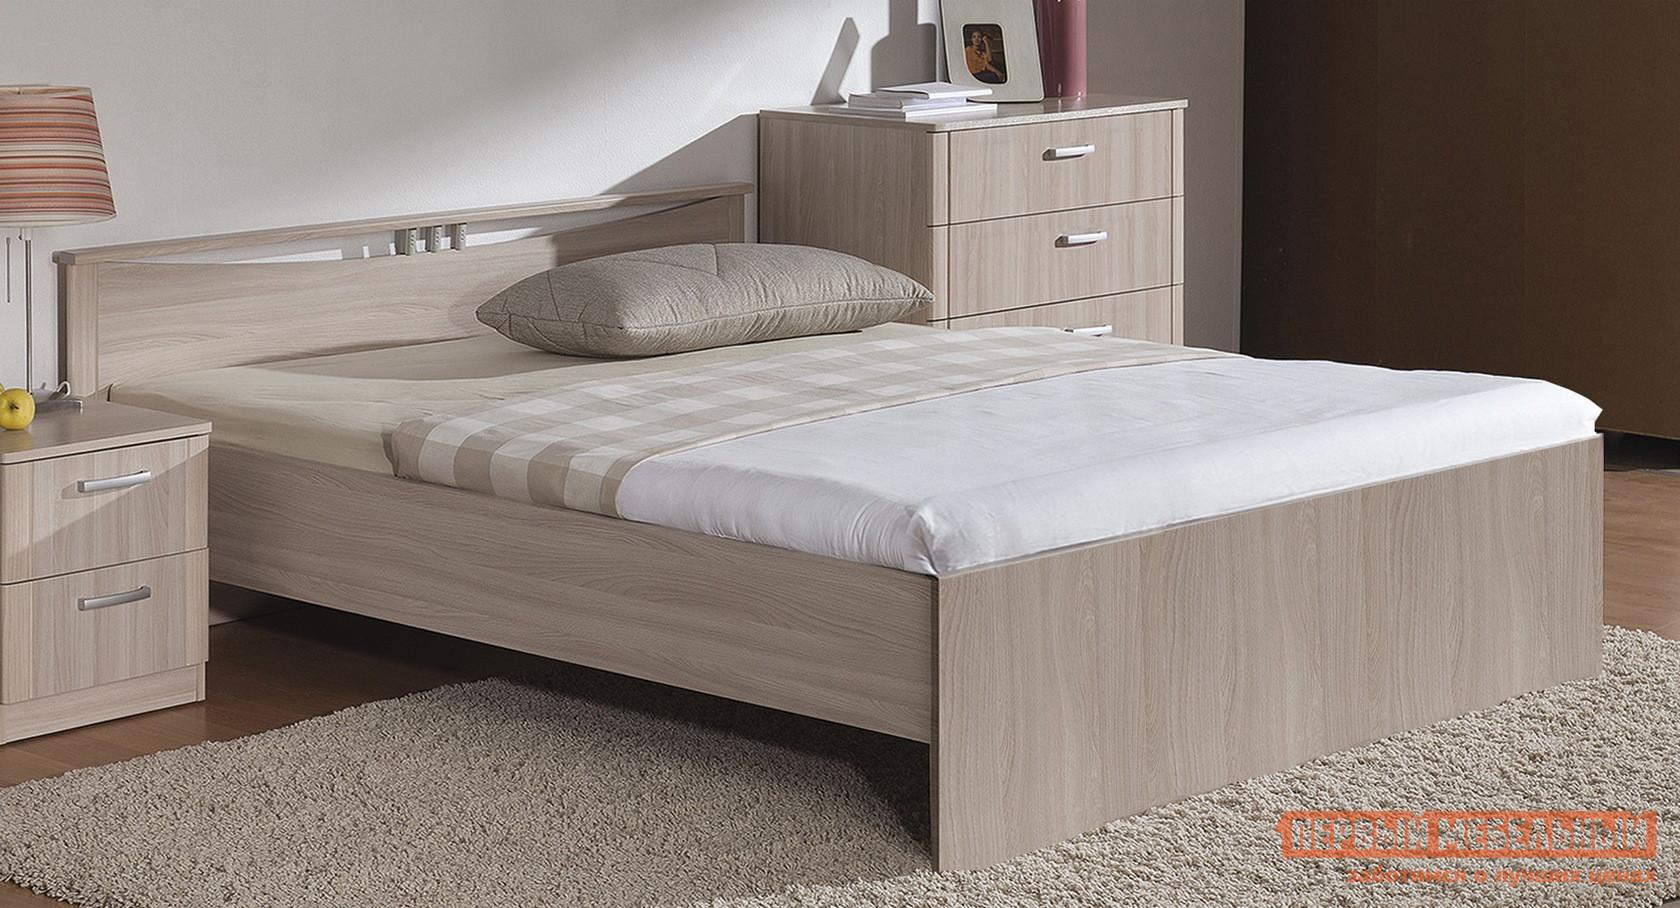 Полутороспальная кровать Боровичи Мелисса Шимо светлый, Спальное место 1400 X 2000 мм